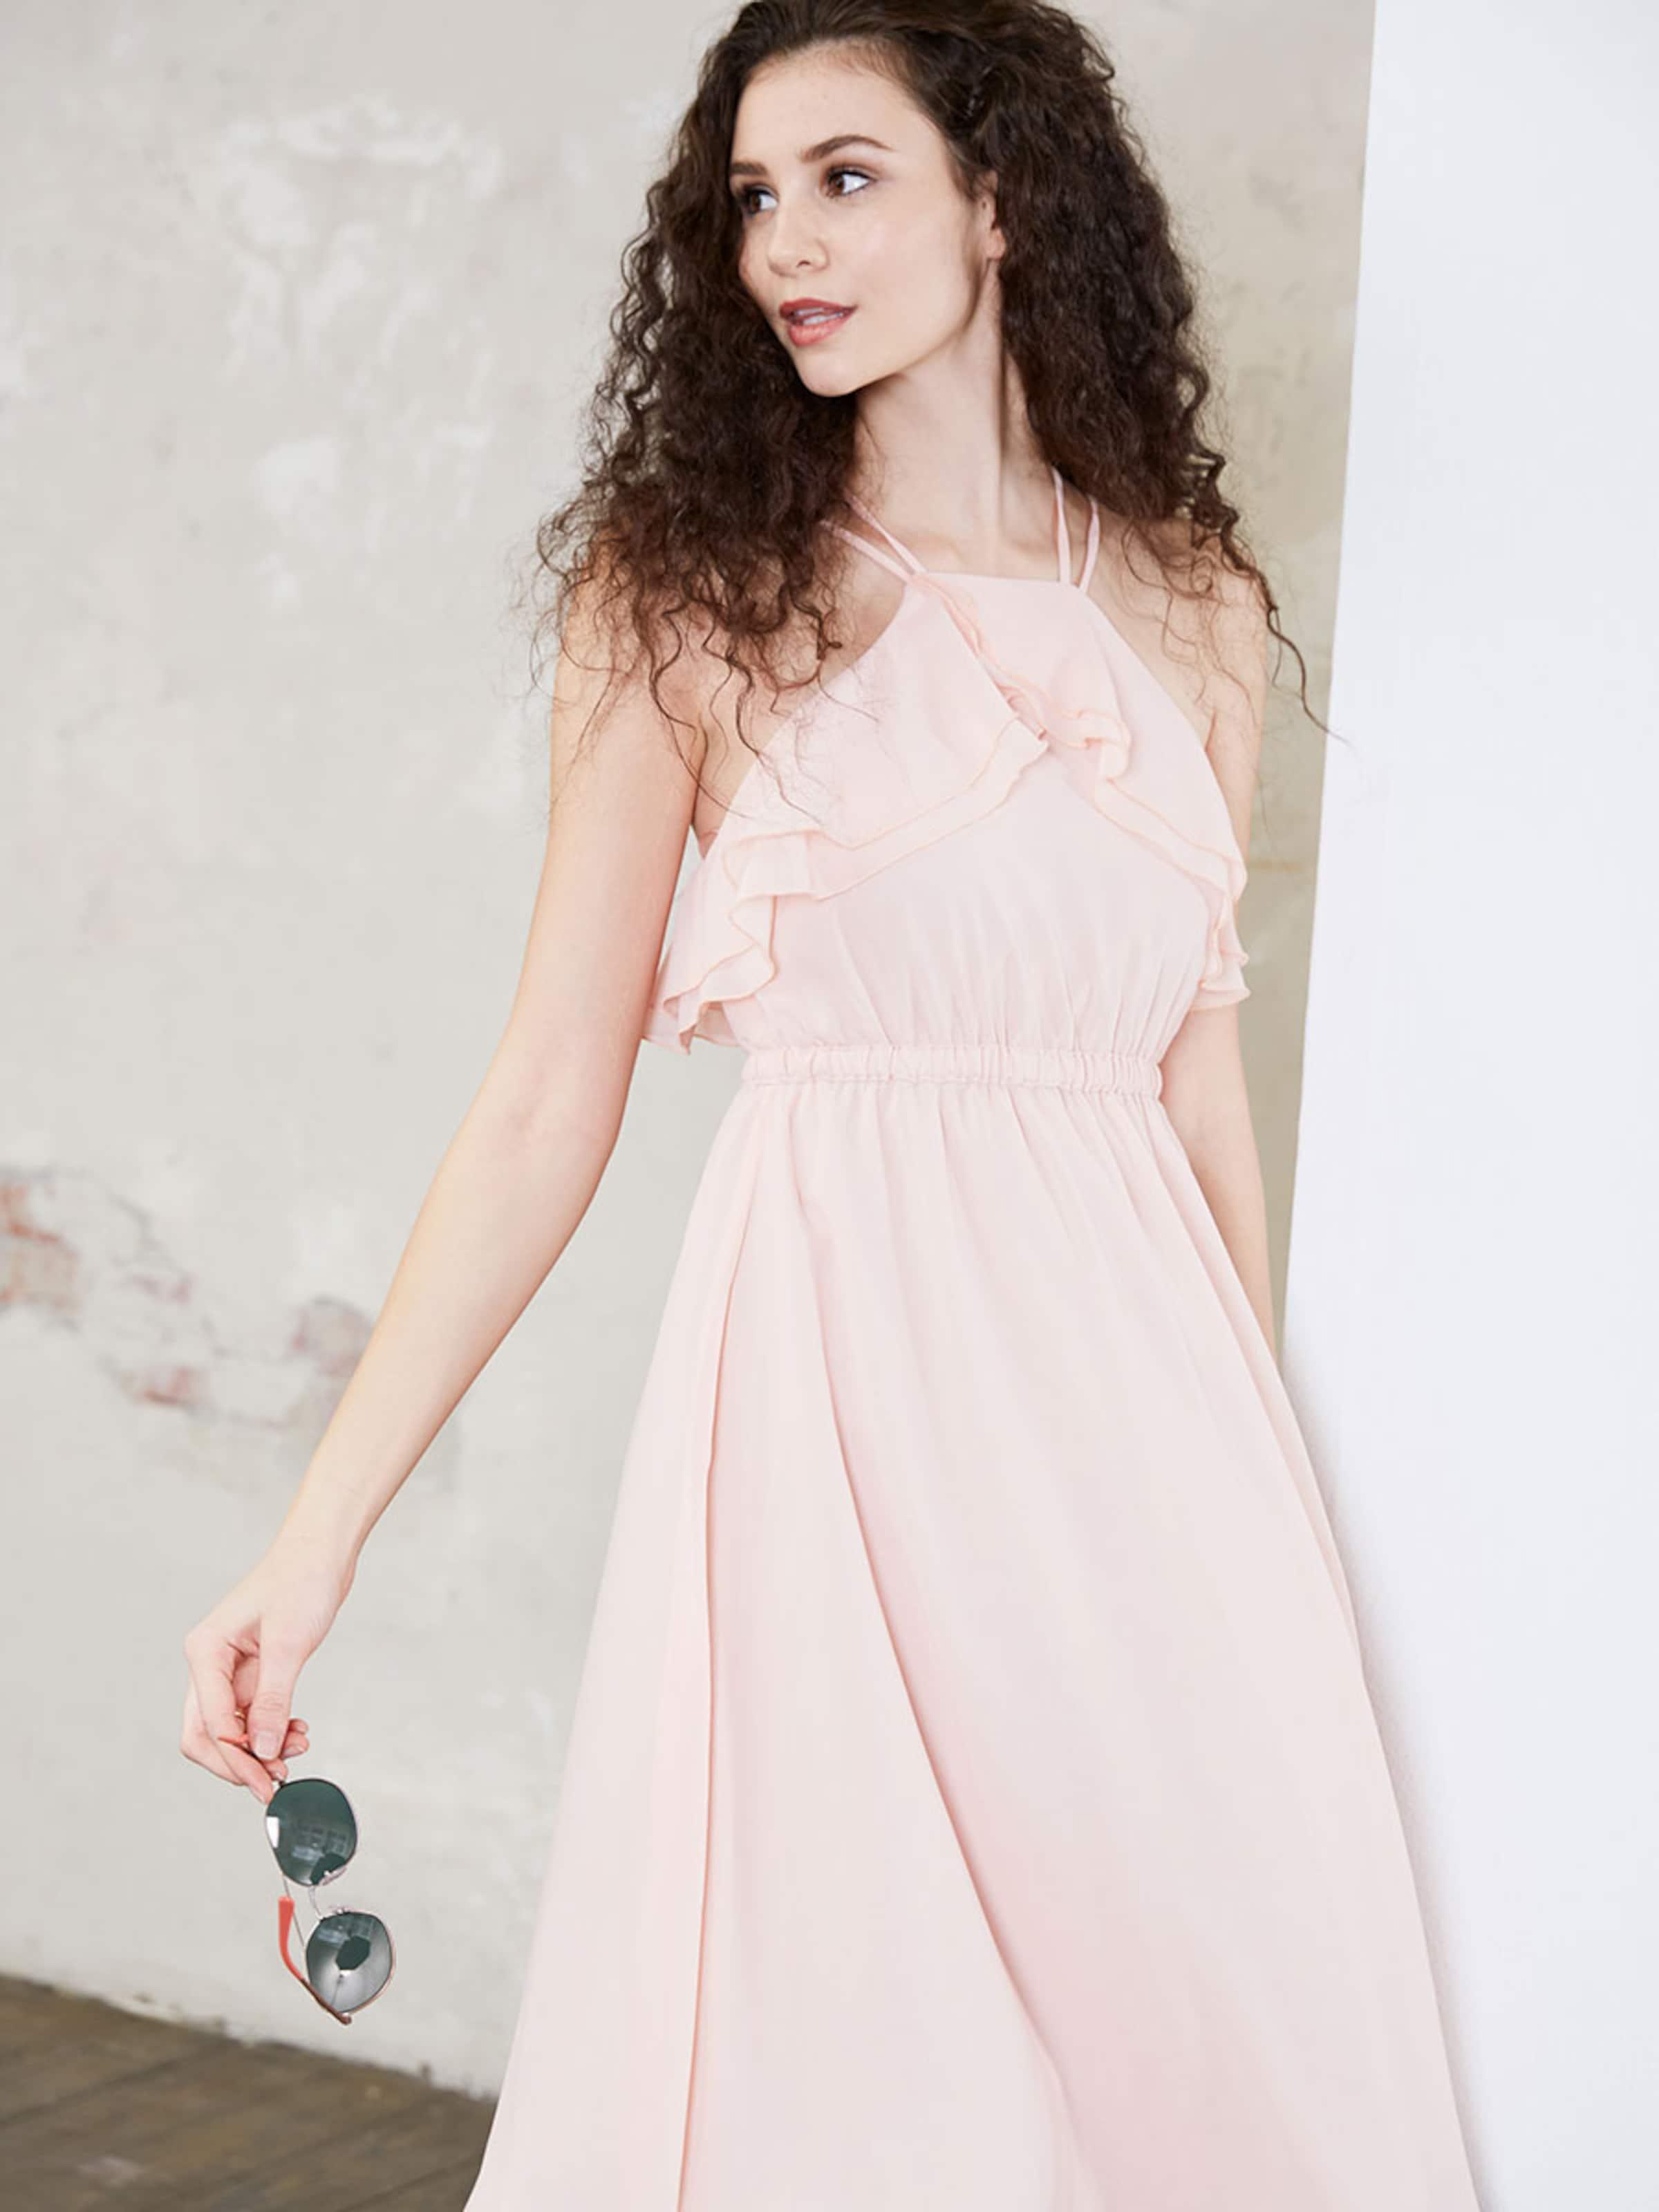 468f0f431a4 Wo kann man schone kleider kaufen berlin – Stilvolle Abendkleider in ...